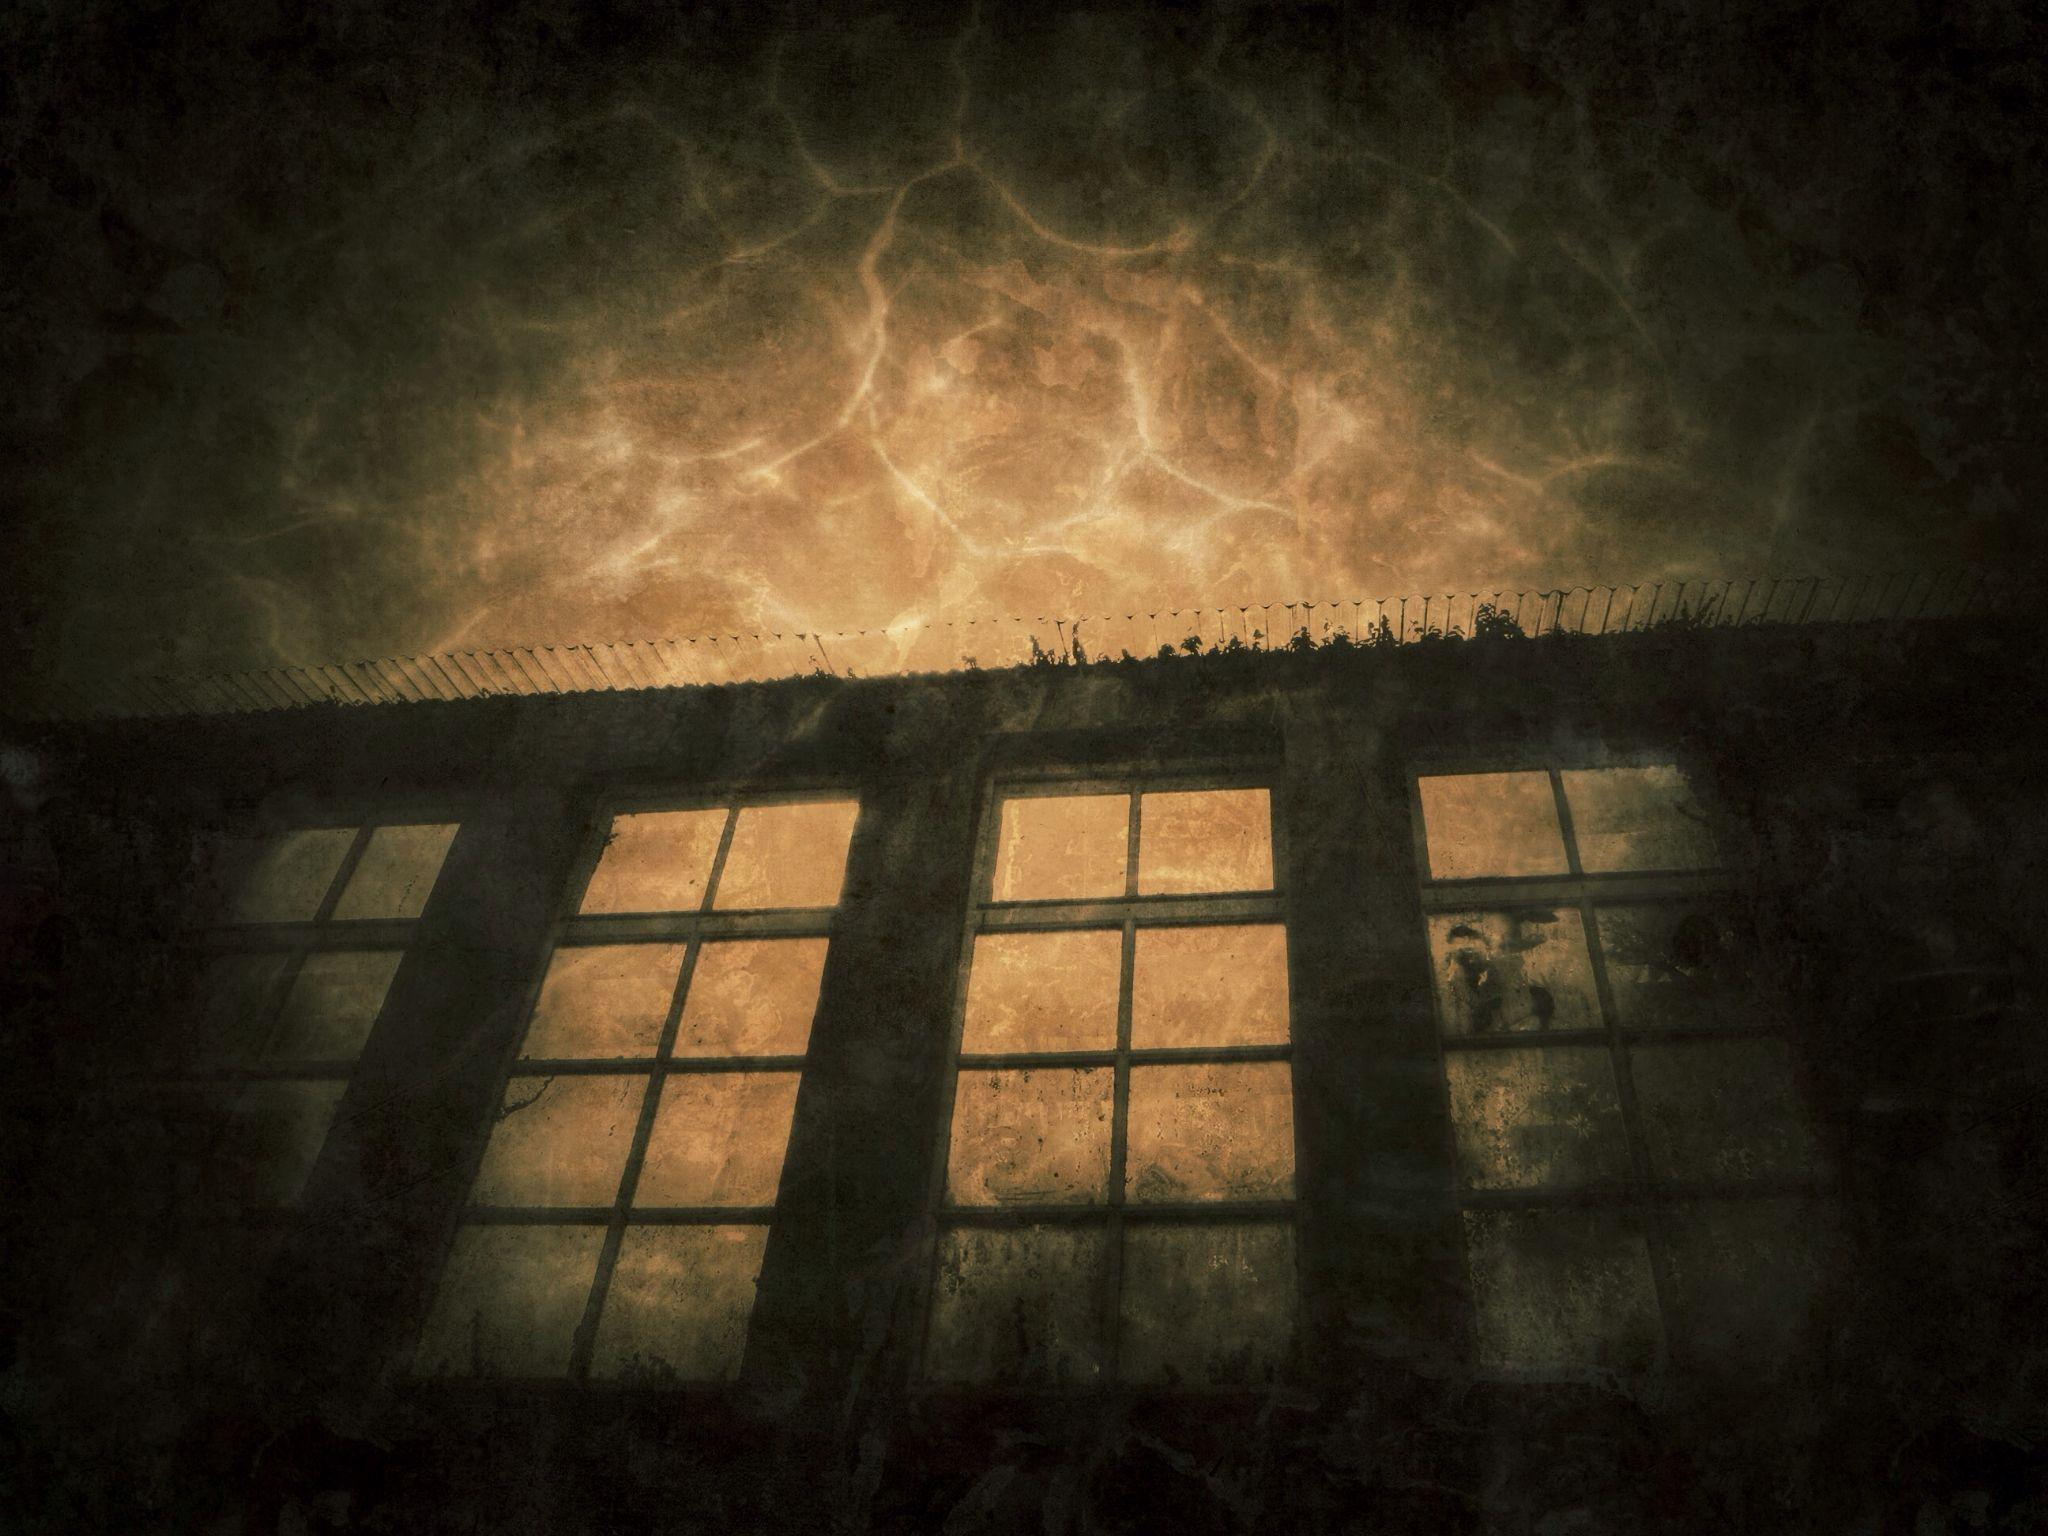 Vision d'un chaos intérieur  by miminepo